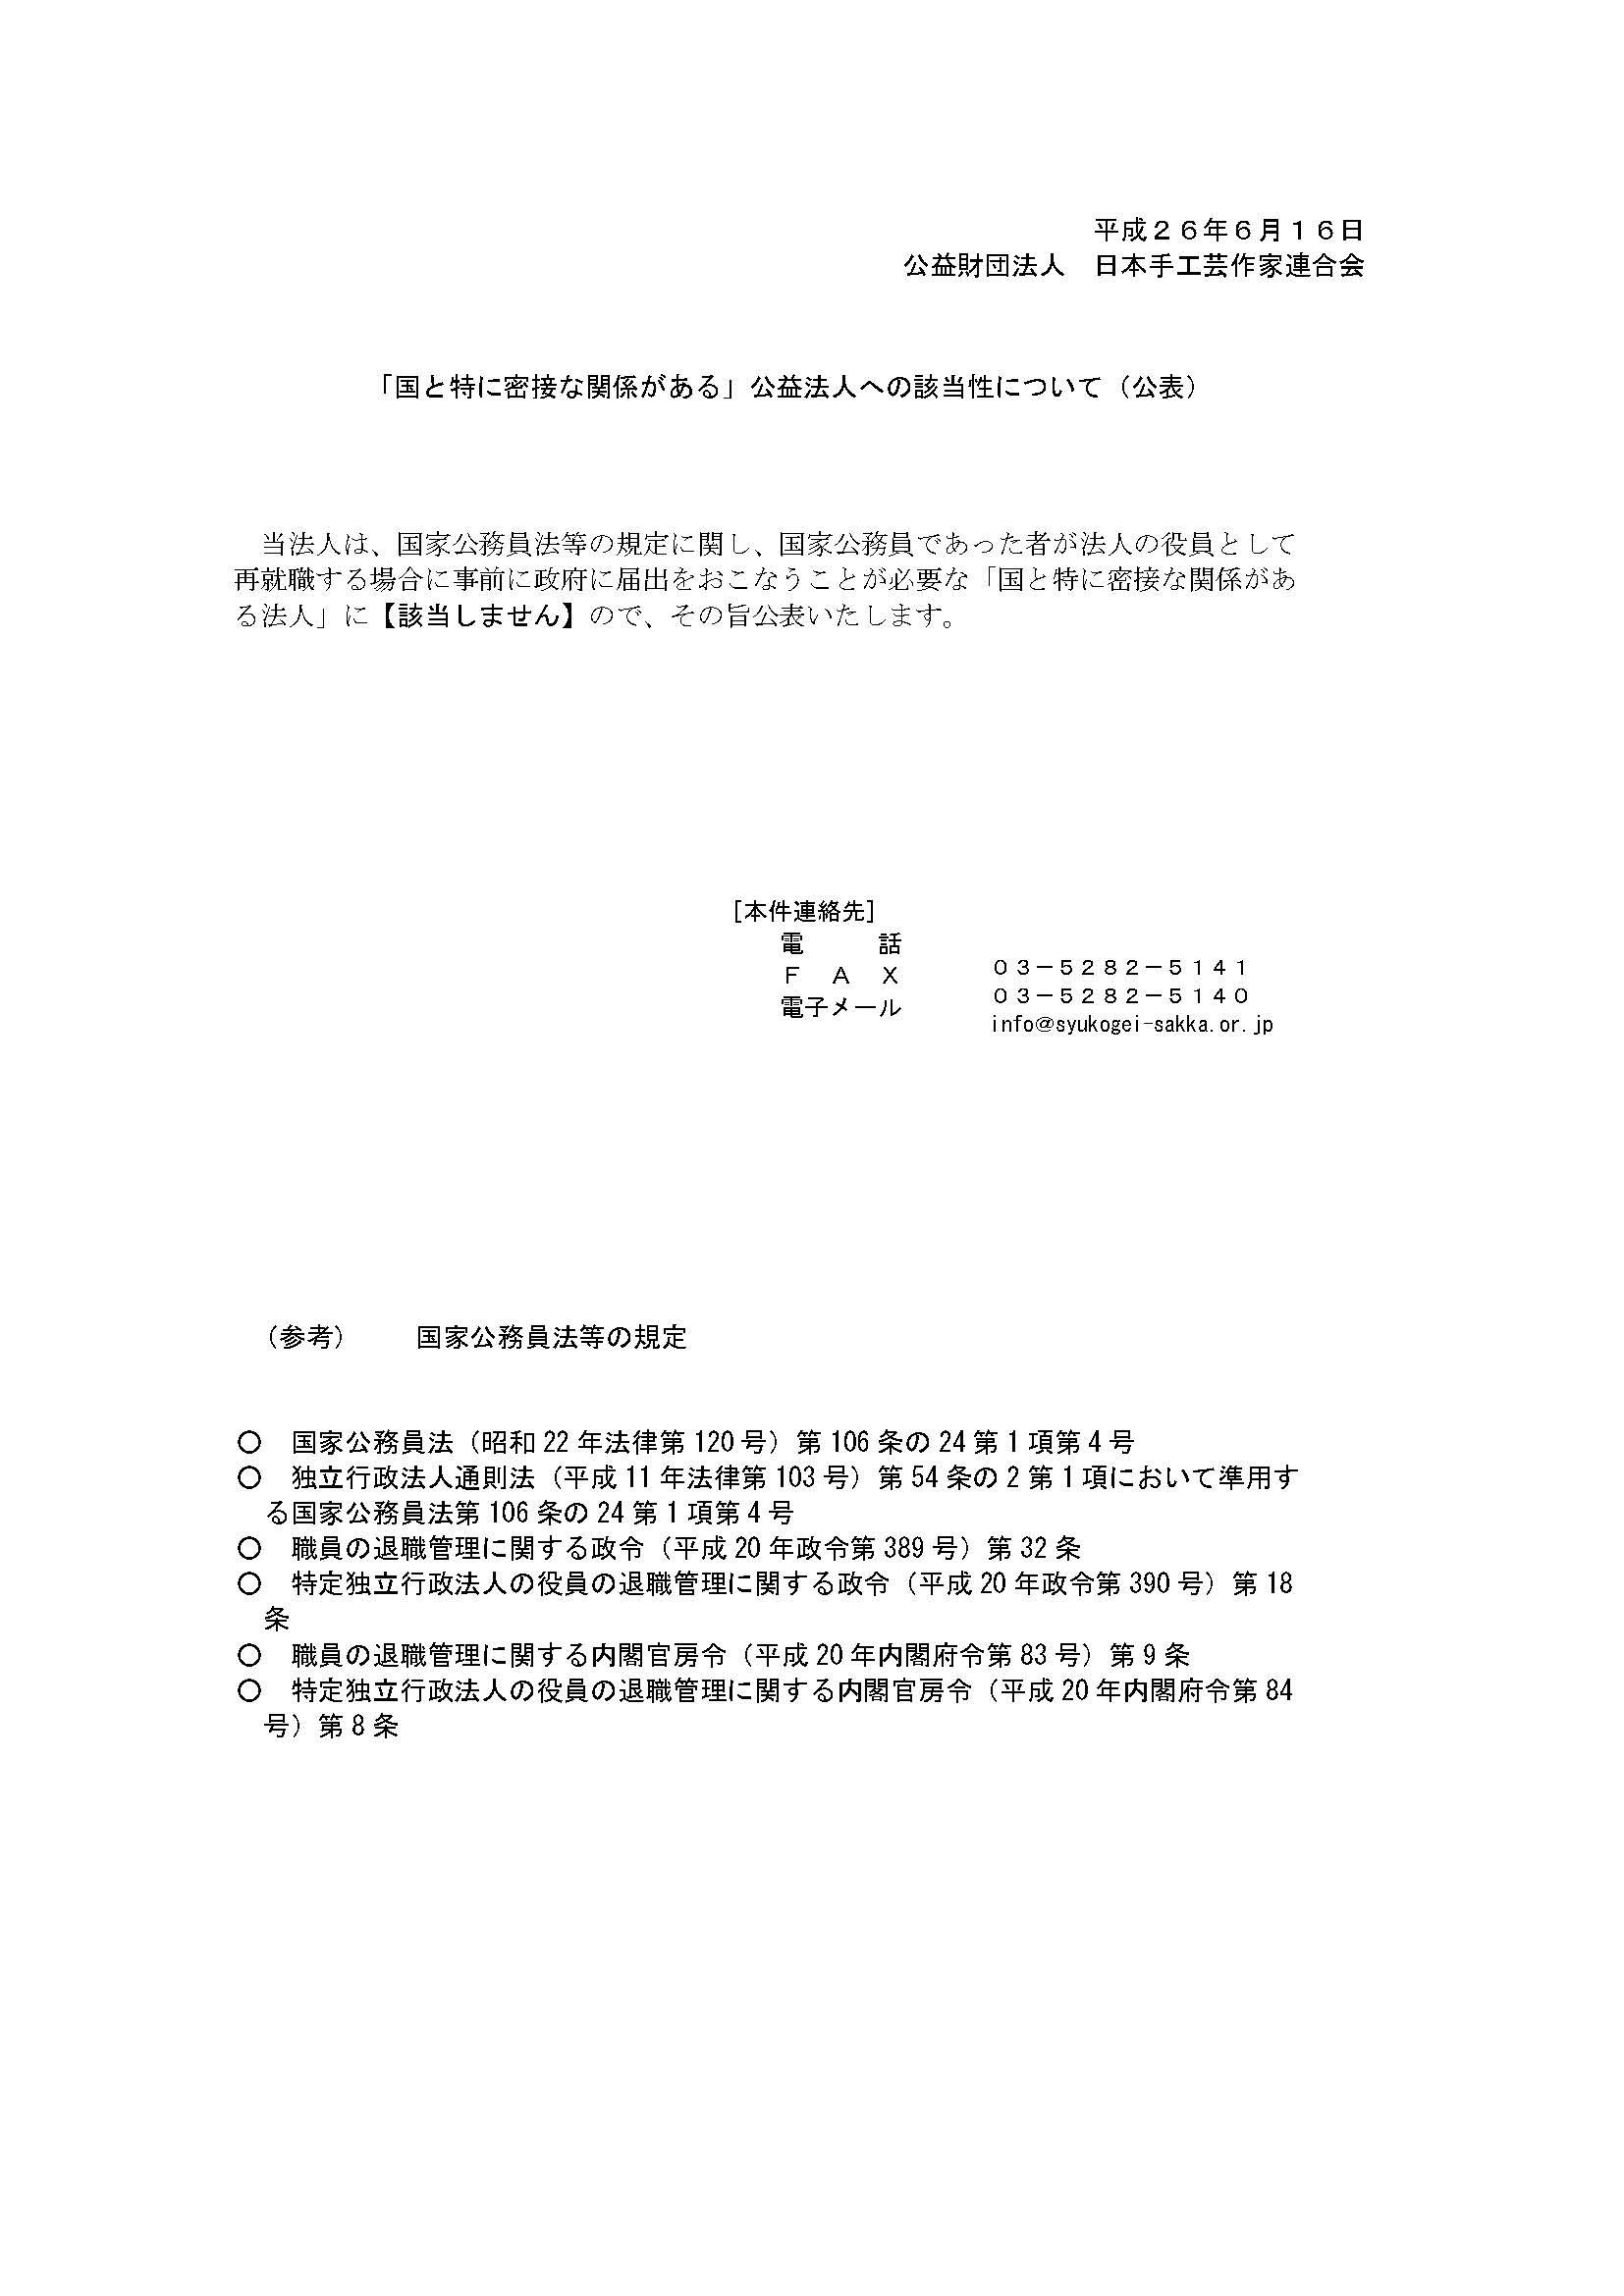 「国と特に密接な関係がある」公益法人への該当性について(公表)